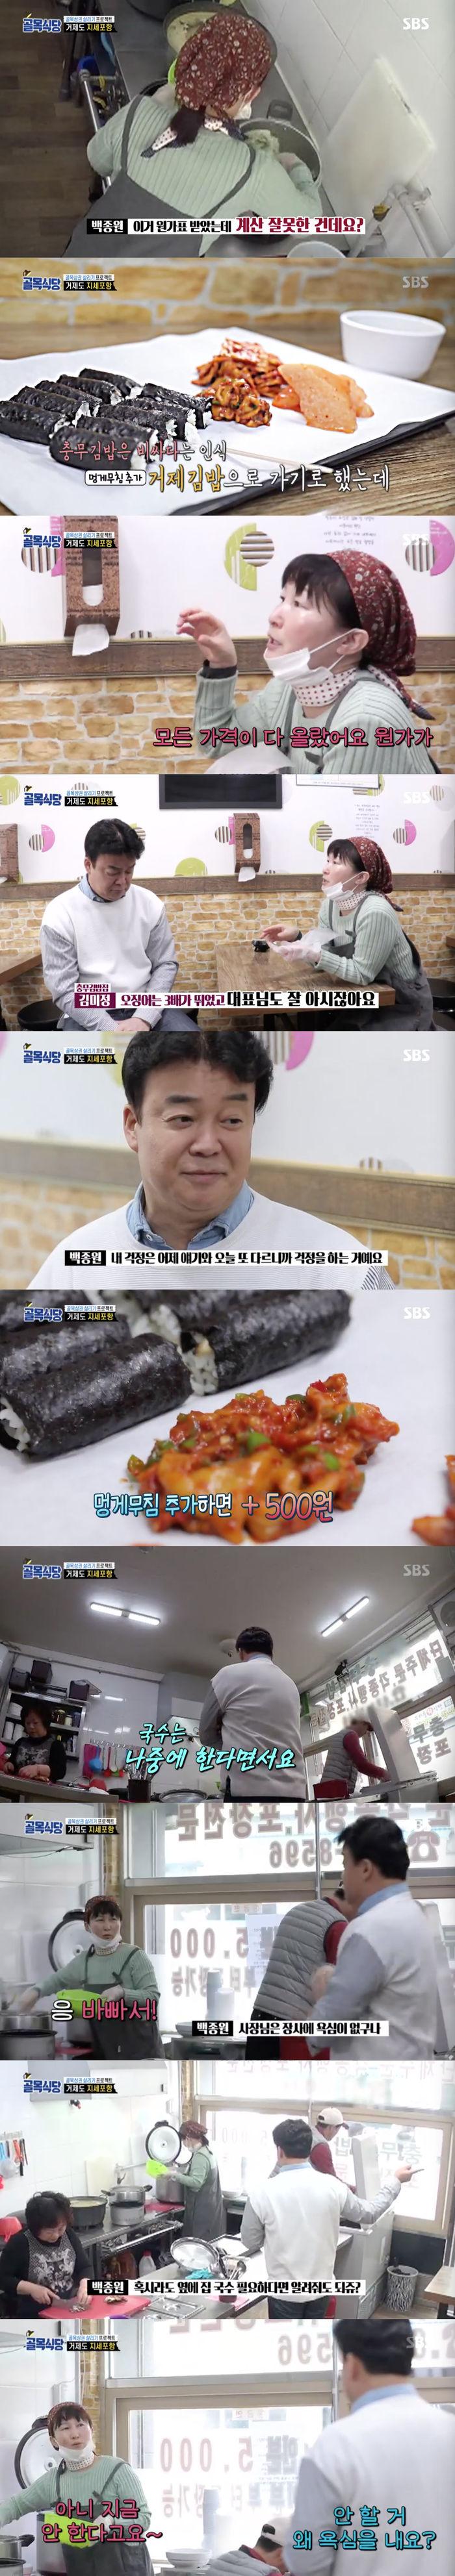 '골목식당' 거제도 충무김밥집, 백종원 조언에도 '가격 인하X메뉴 추가' 거부